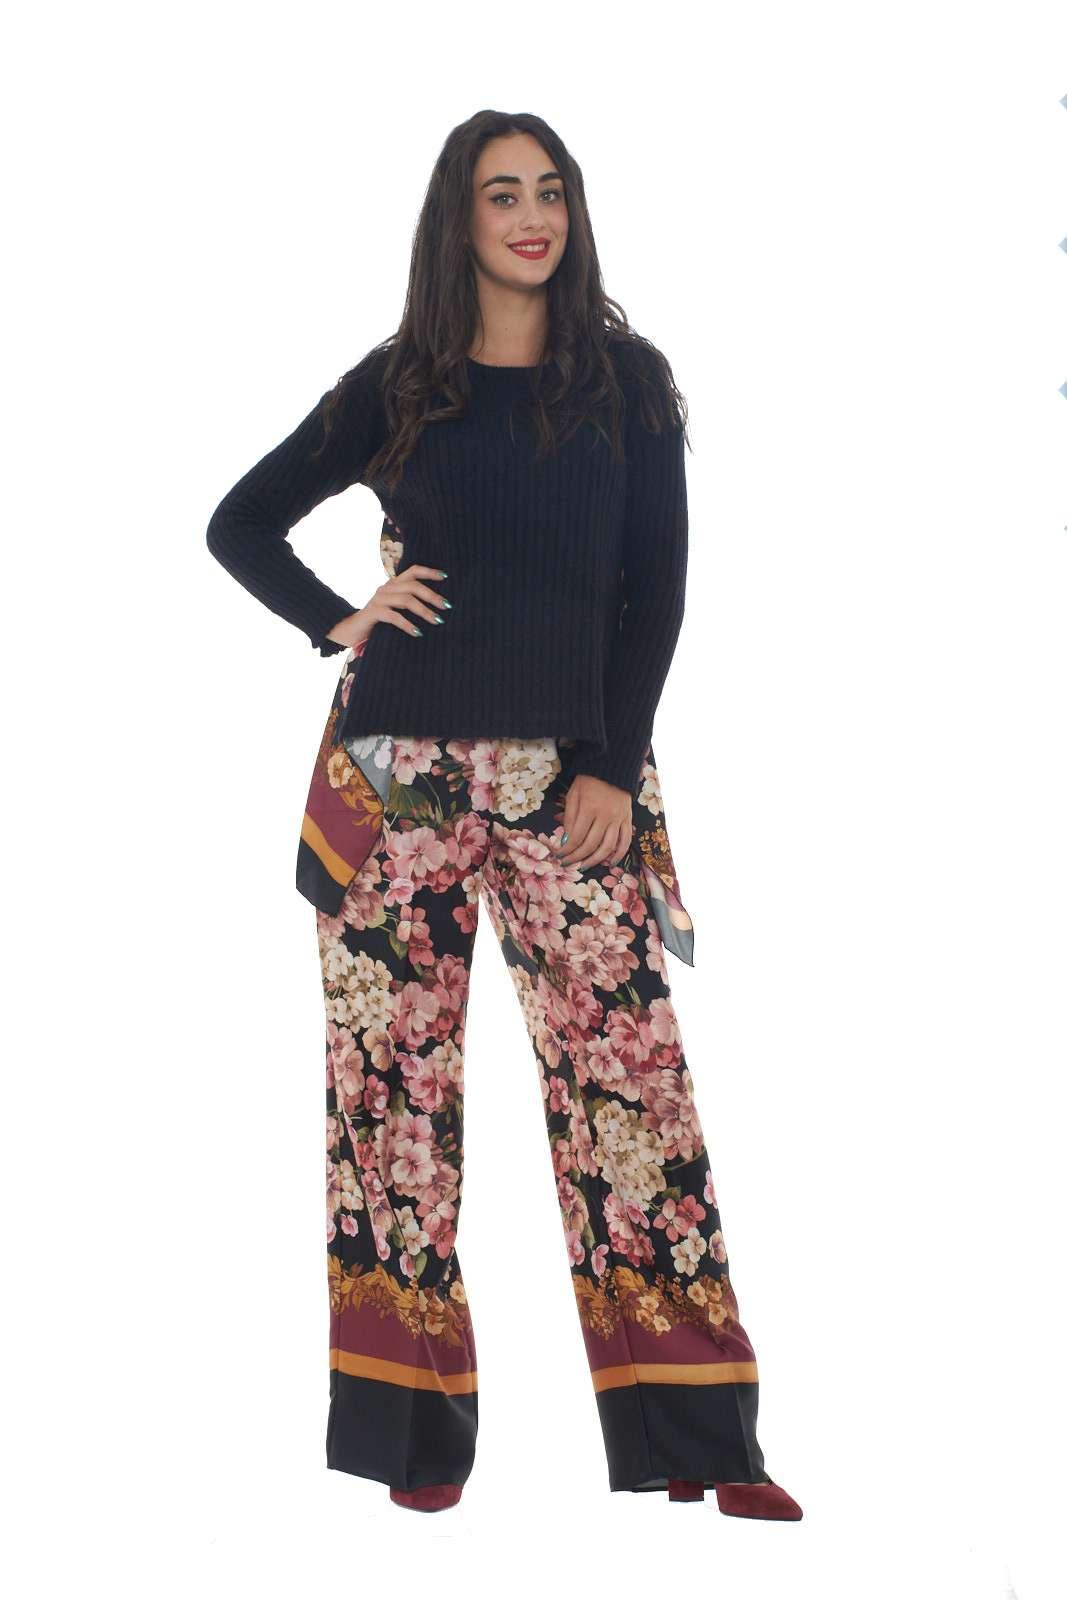 https://www.parmax.com/media/catalog/product/a/i/AI-outlet_parmax-maglia-donna-Twin-Set-192TP3062-D_1.jpg